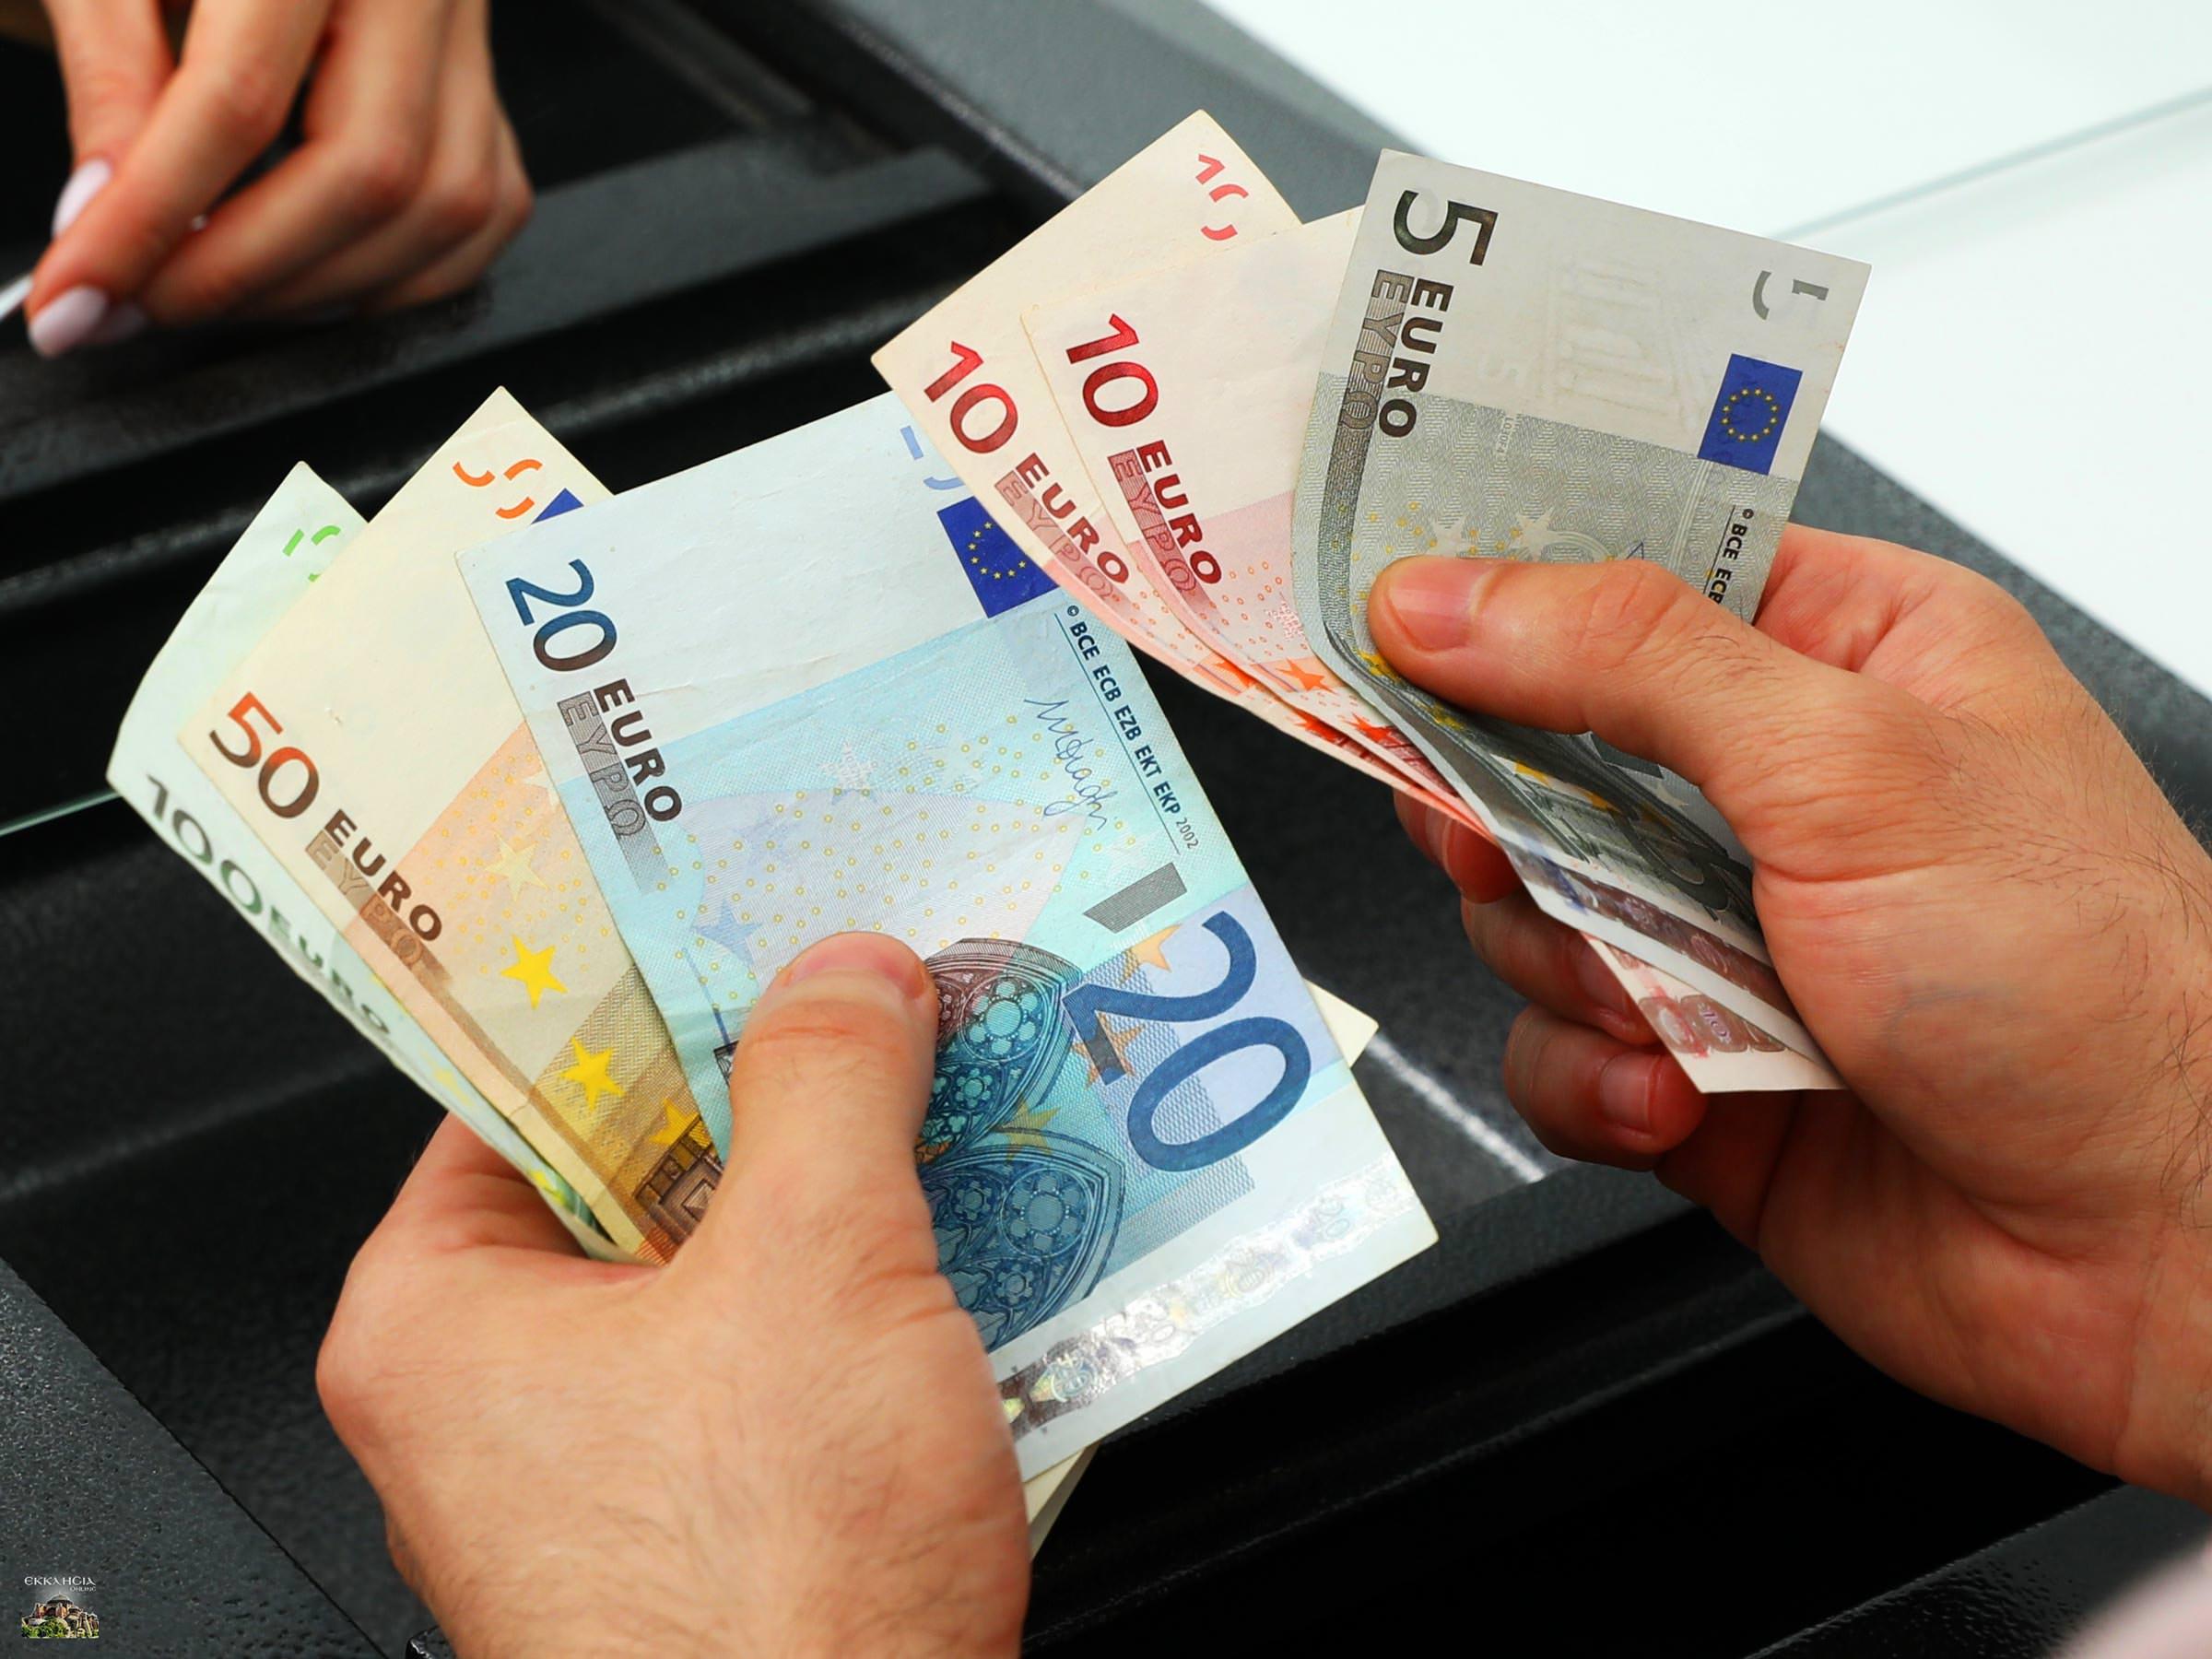 επιδόματα πληρωμή ταμεία